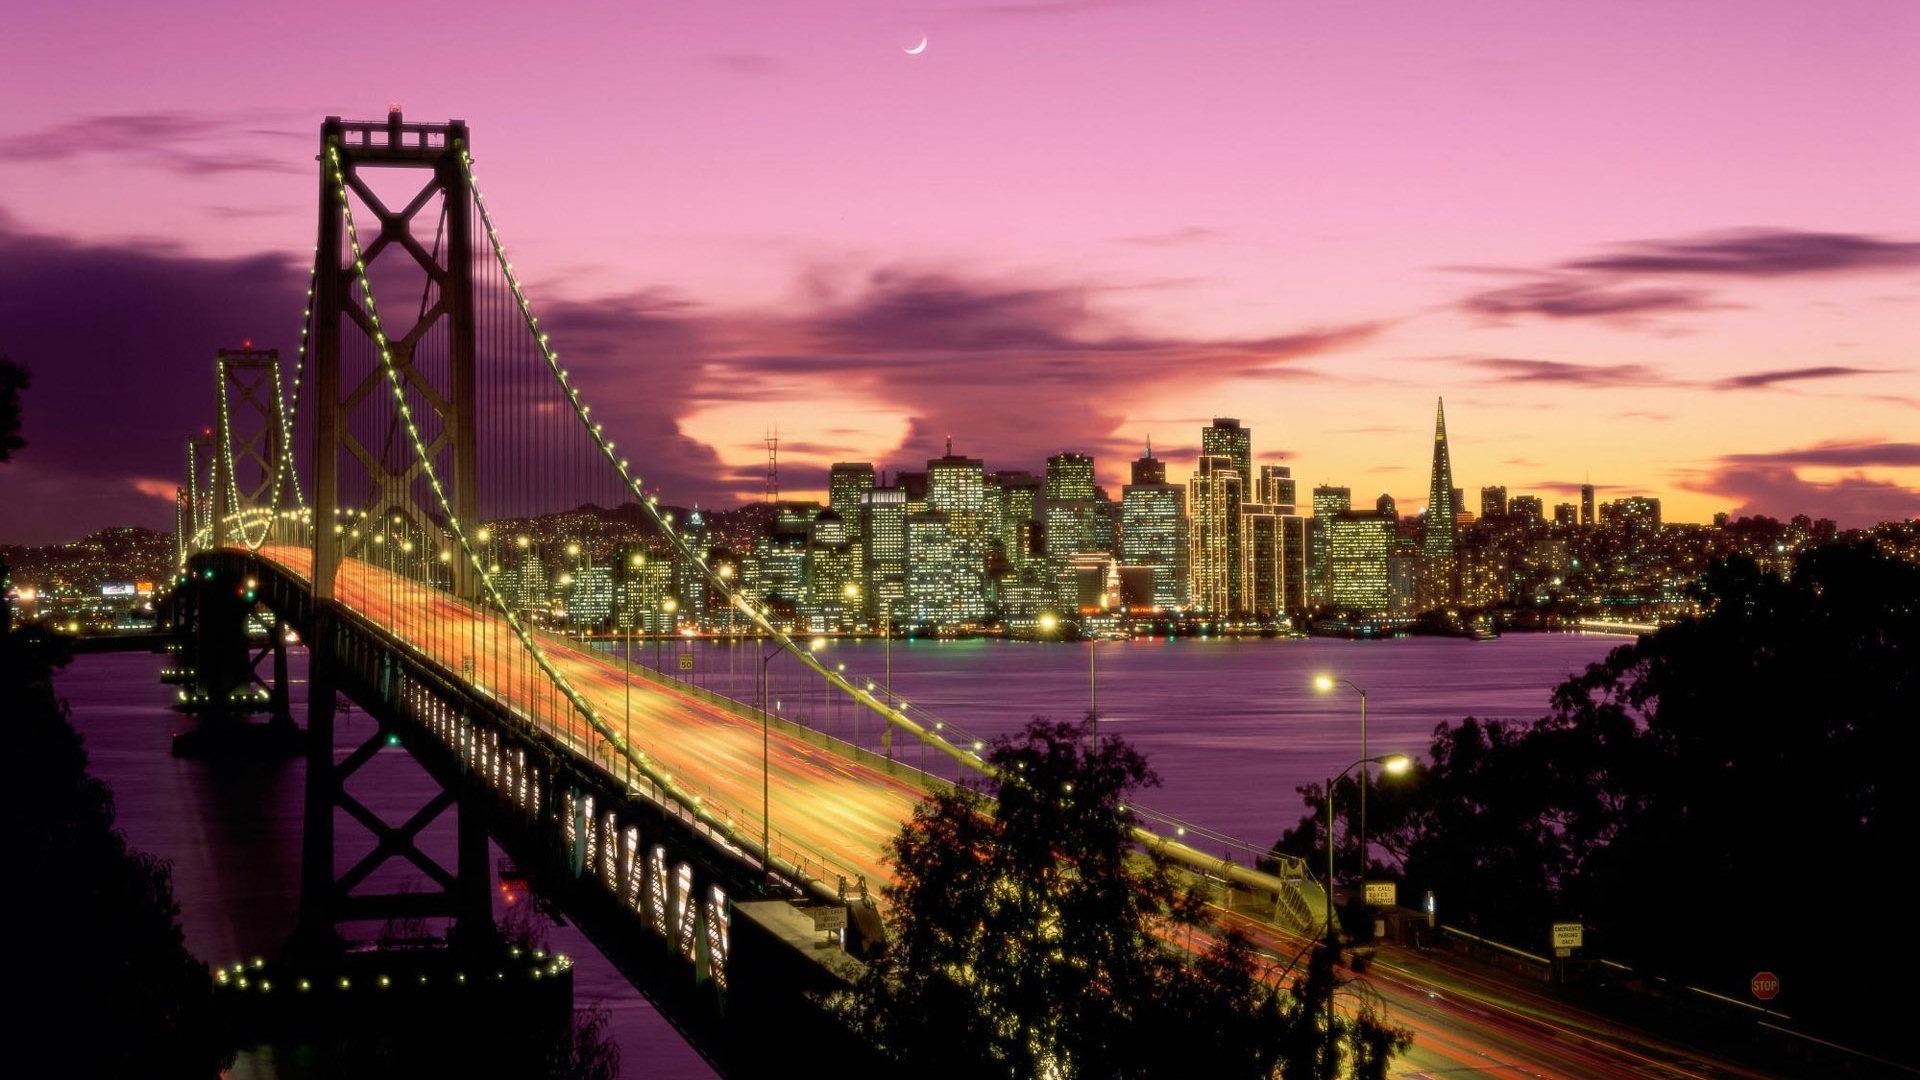 City Desktop Wallpaper Page 1